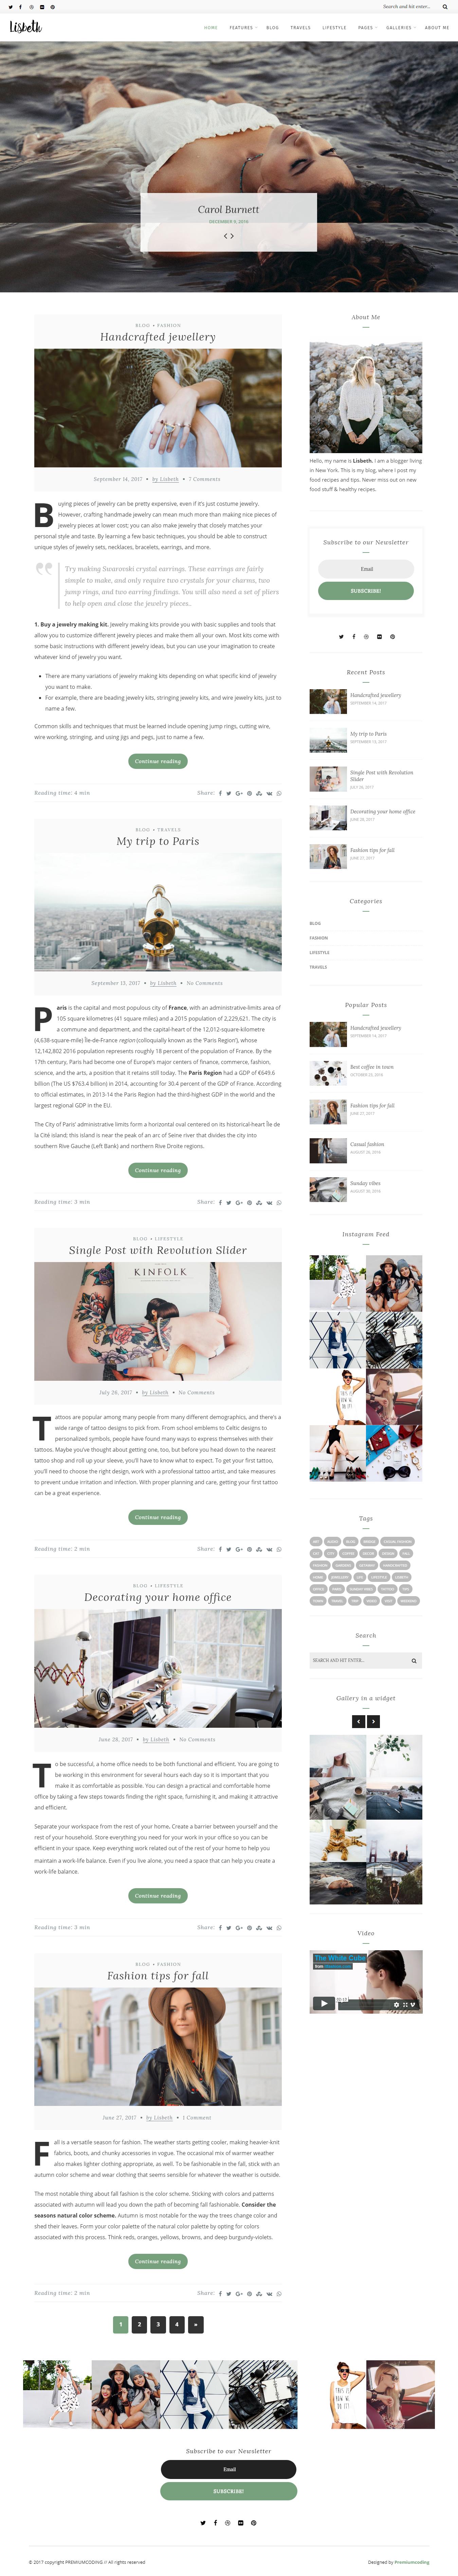 Lisbeth - Mejor tema de WordPress de estilo de vida premium